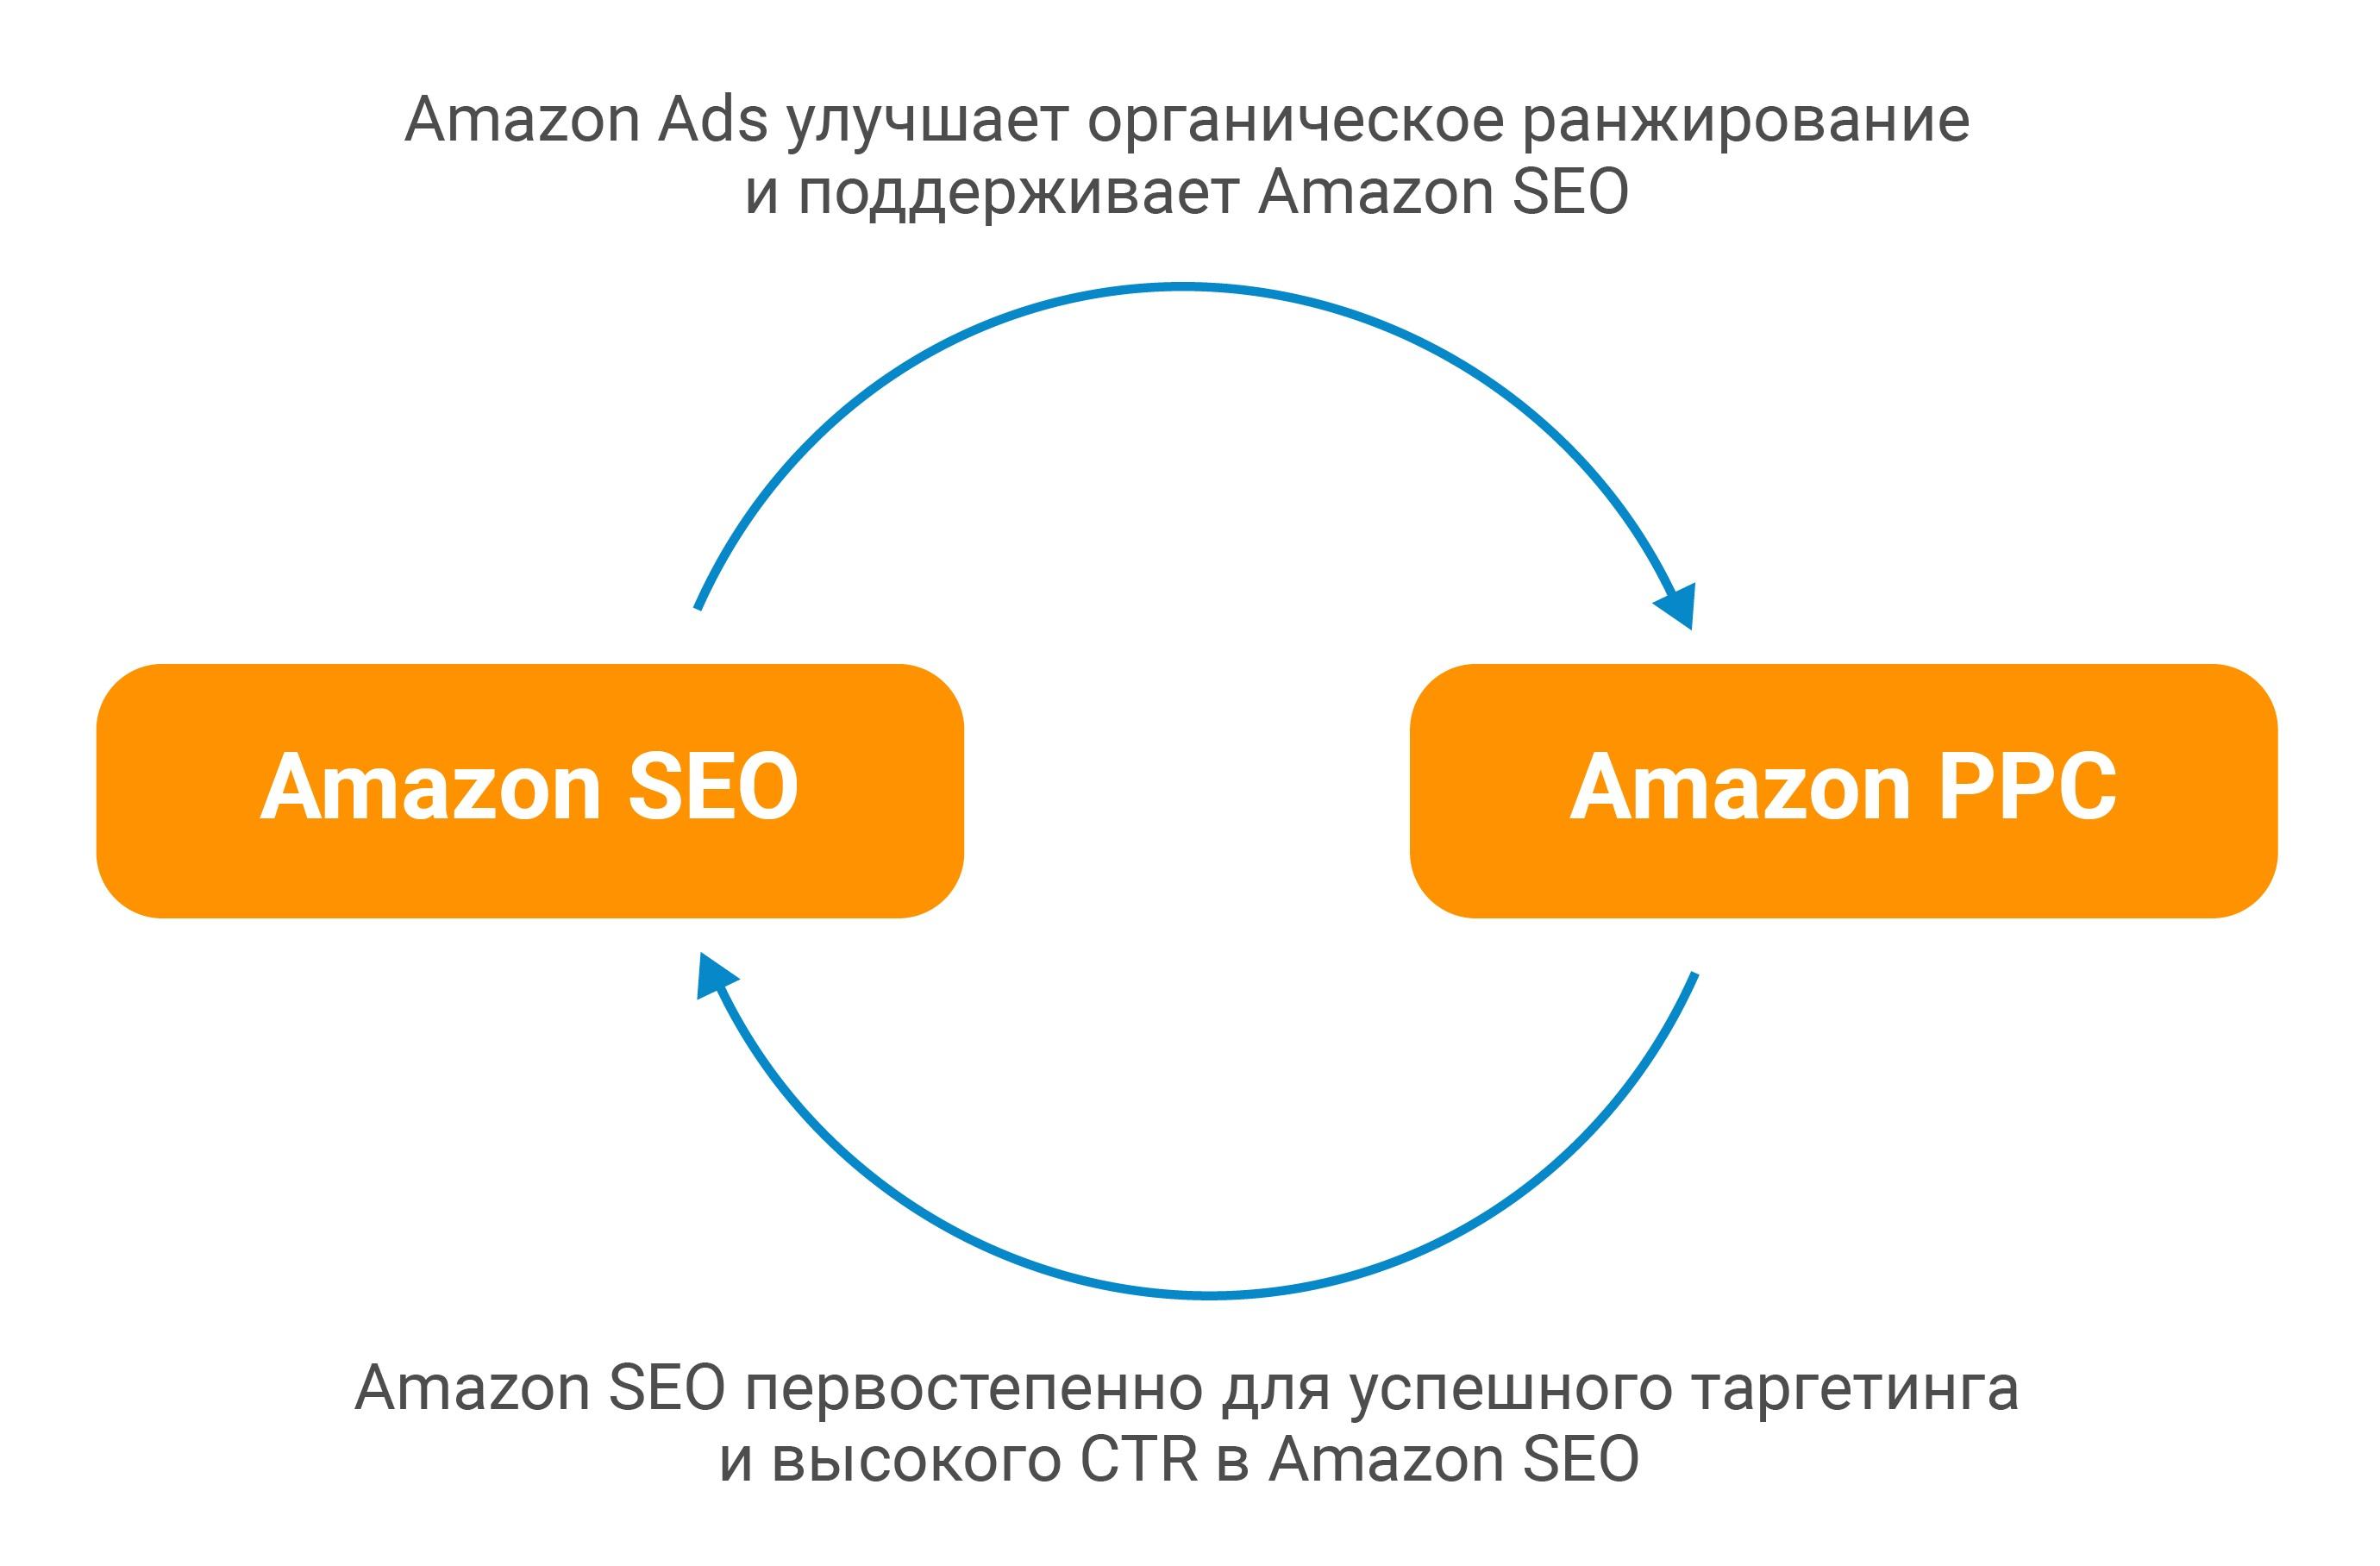 Как влияют друг на друга SEO и PPC в Amazon